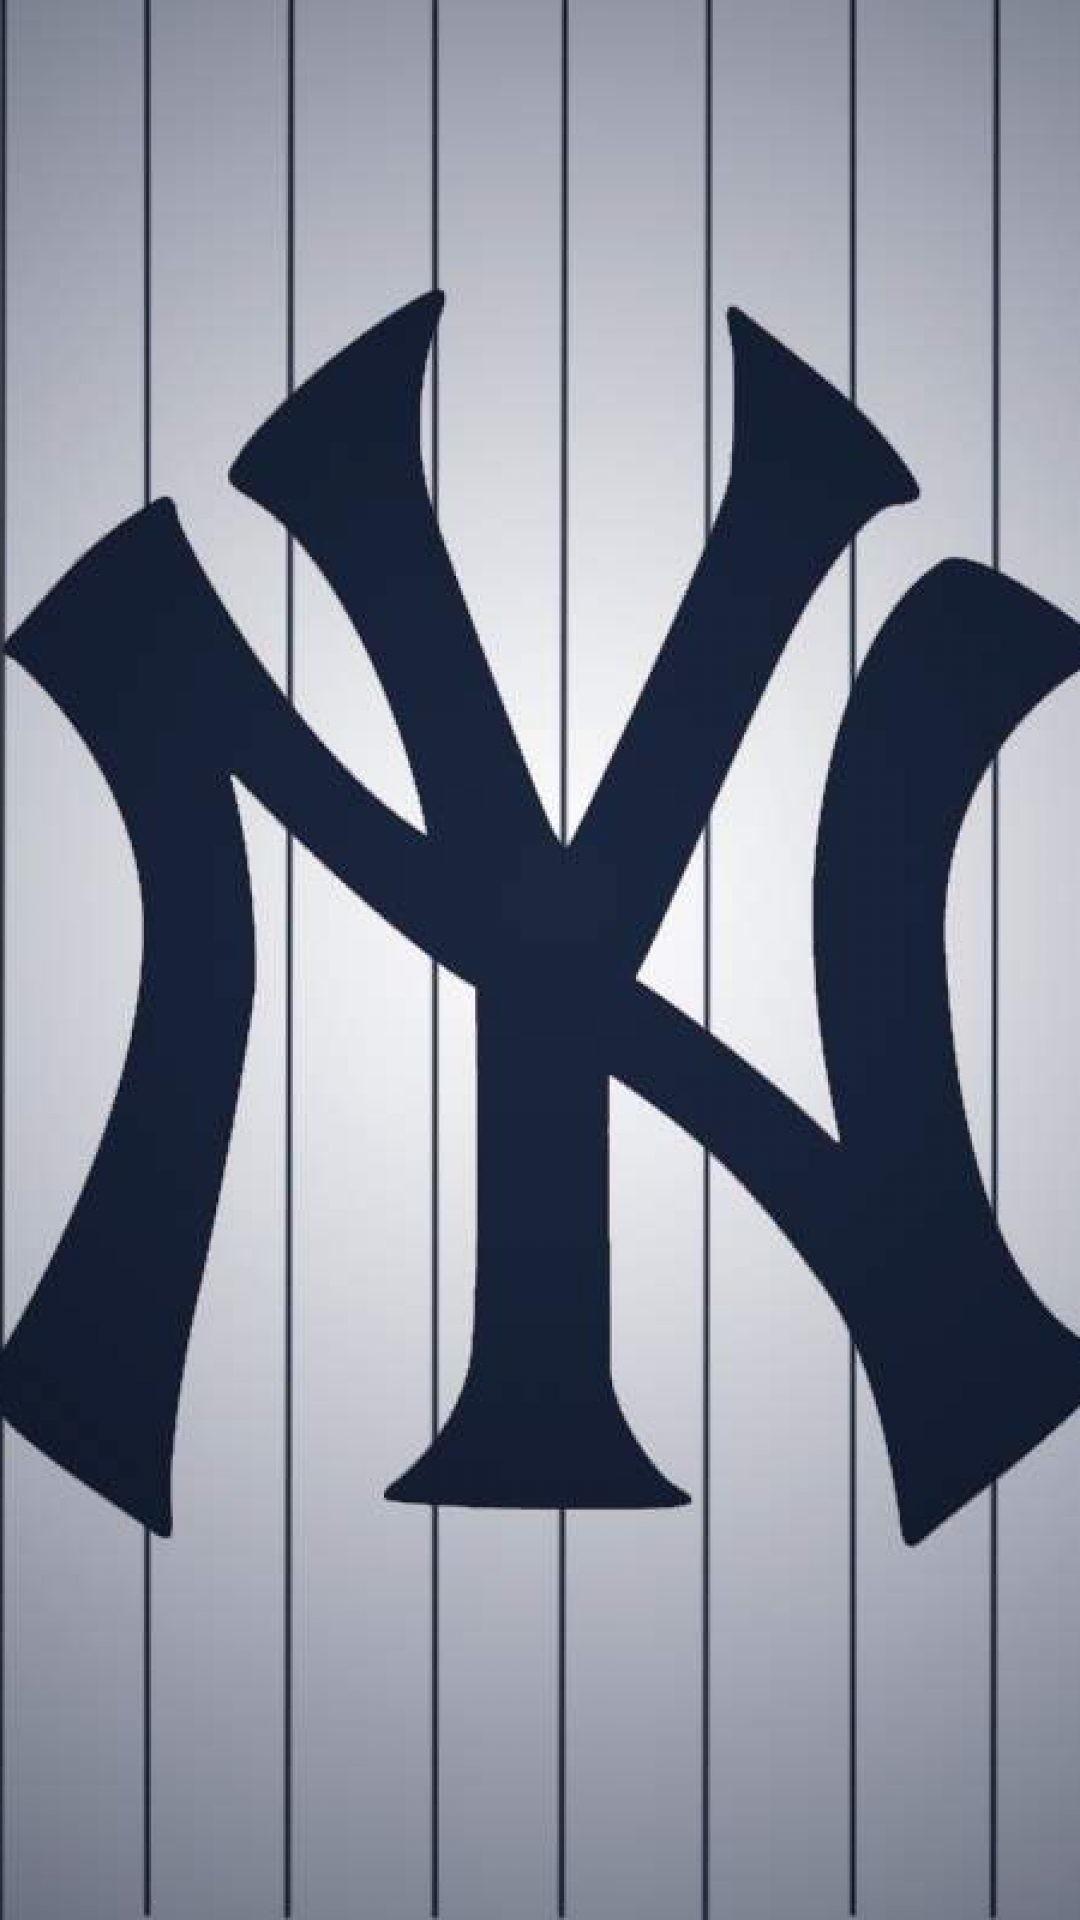 New York Yankees Wallpaper Hd